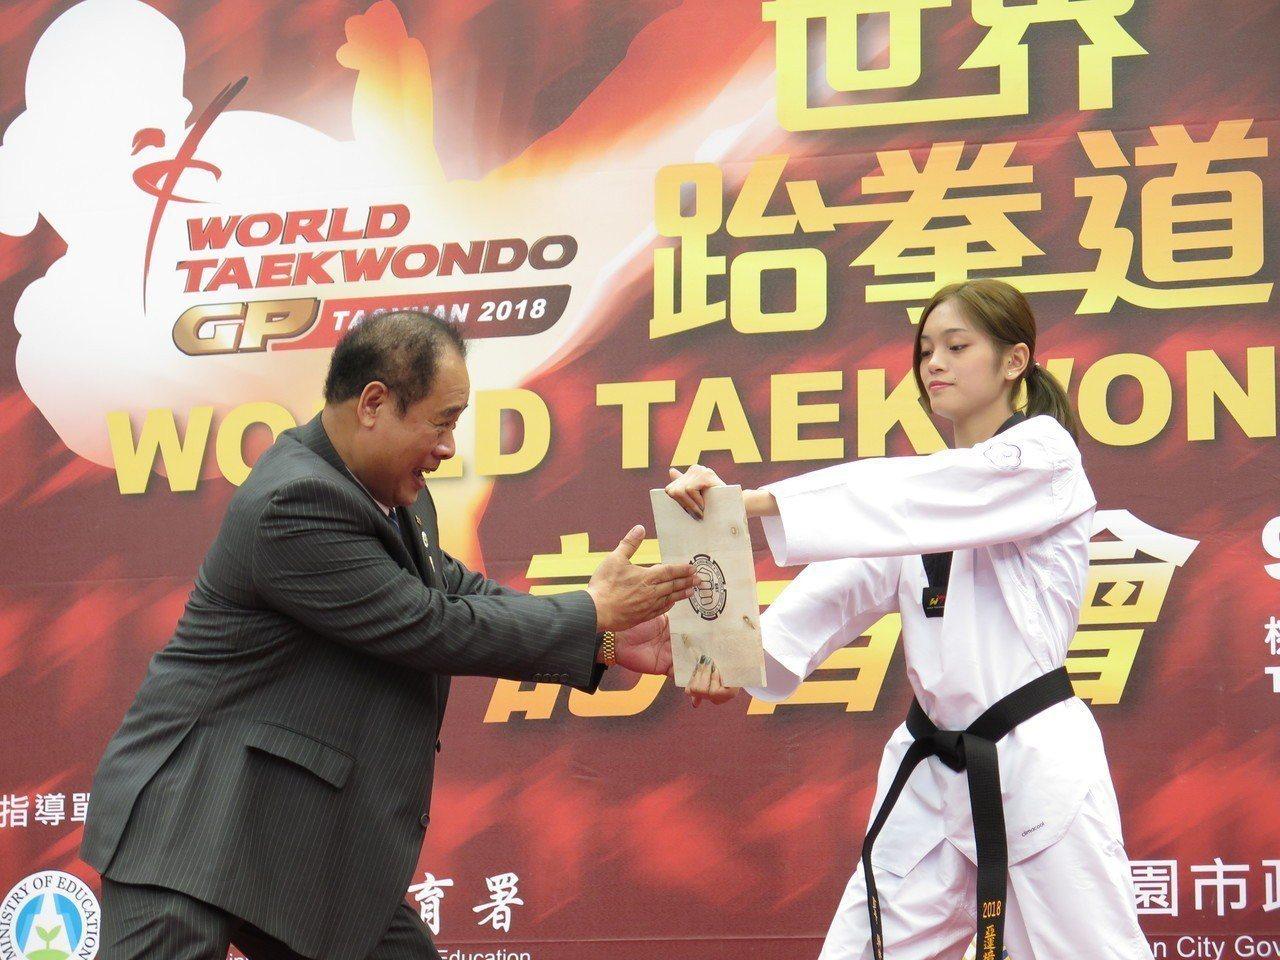 台灣首度舉辦世界跆拳道大獎賽,19日起一連3天在桃園巨蛋登場,今邀來雅加達巨港亞...